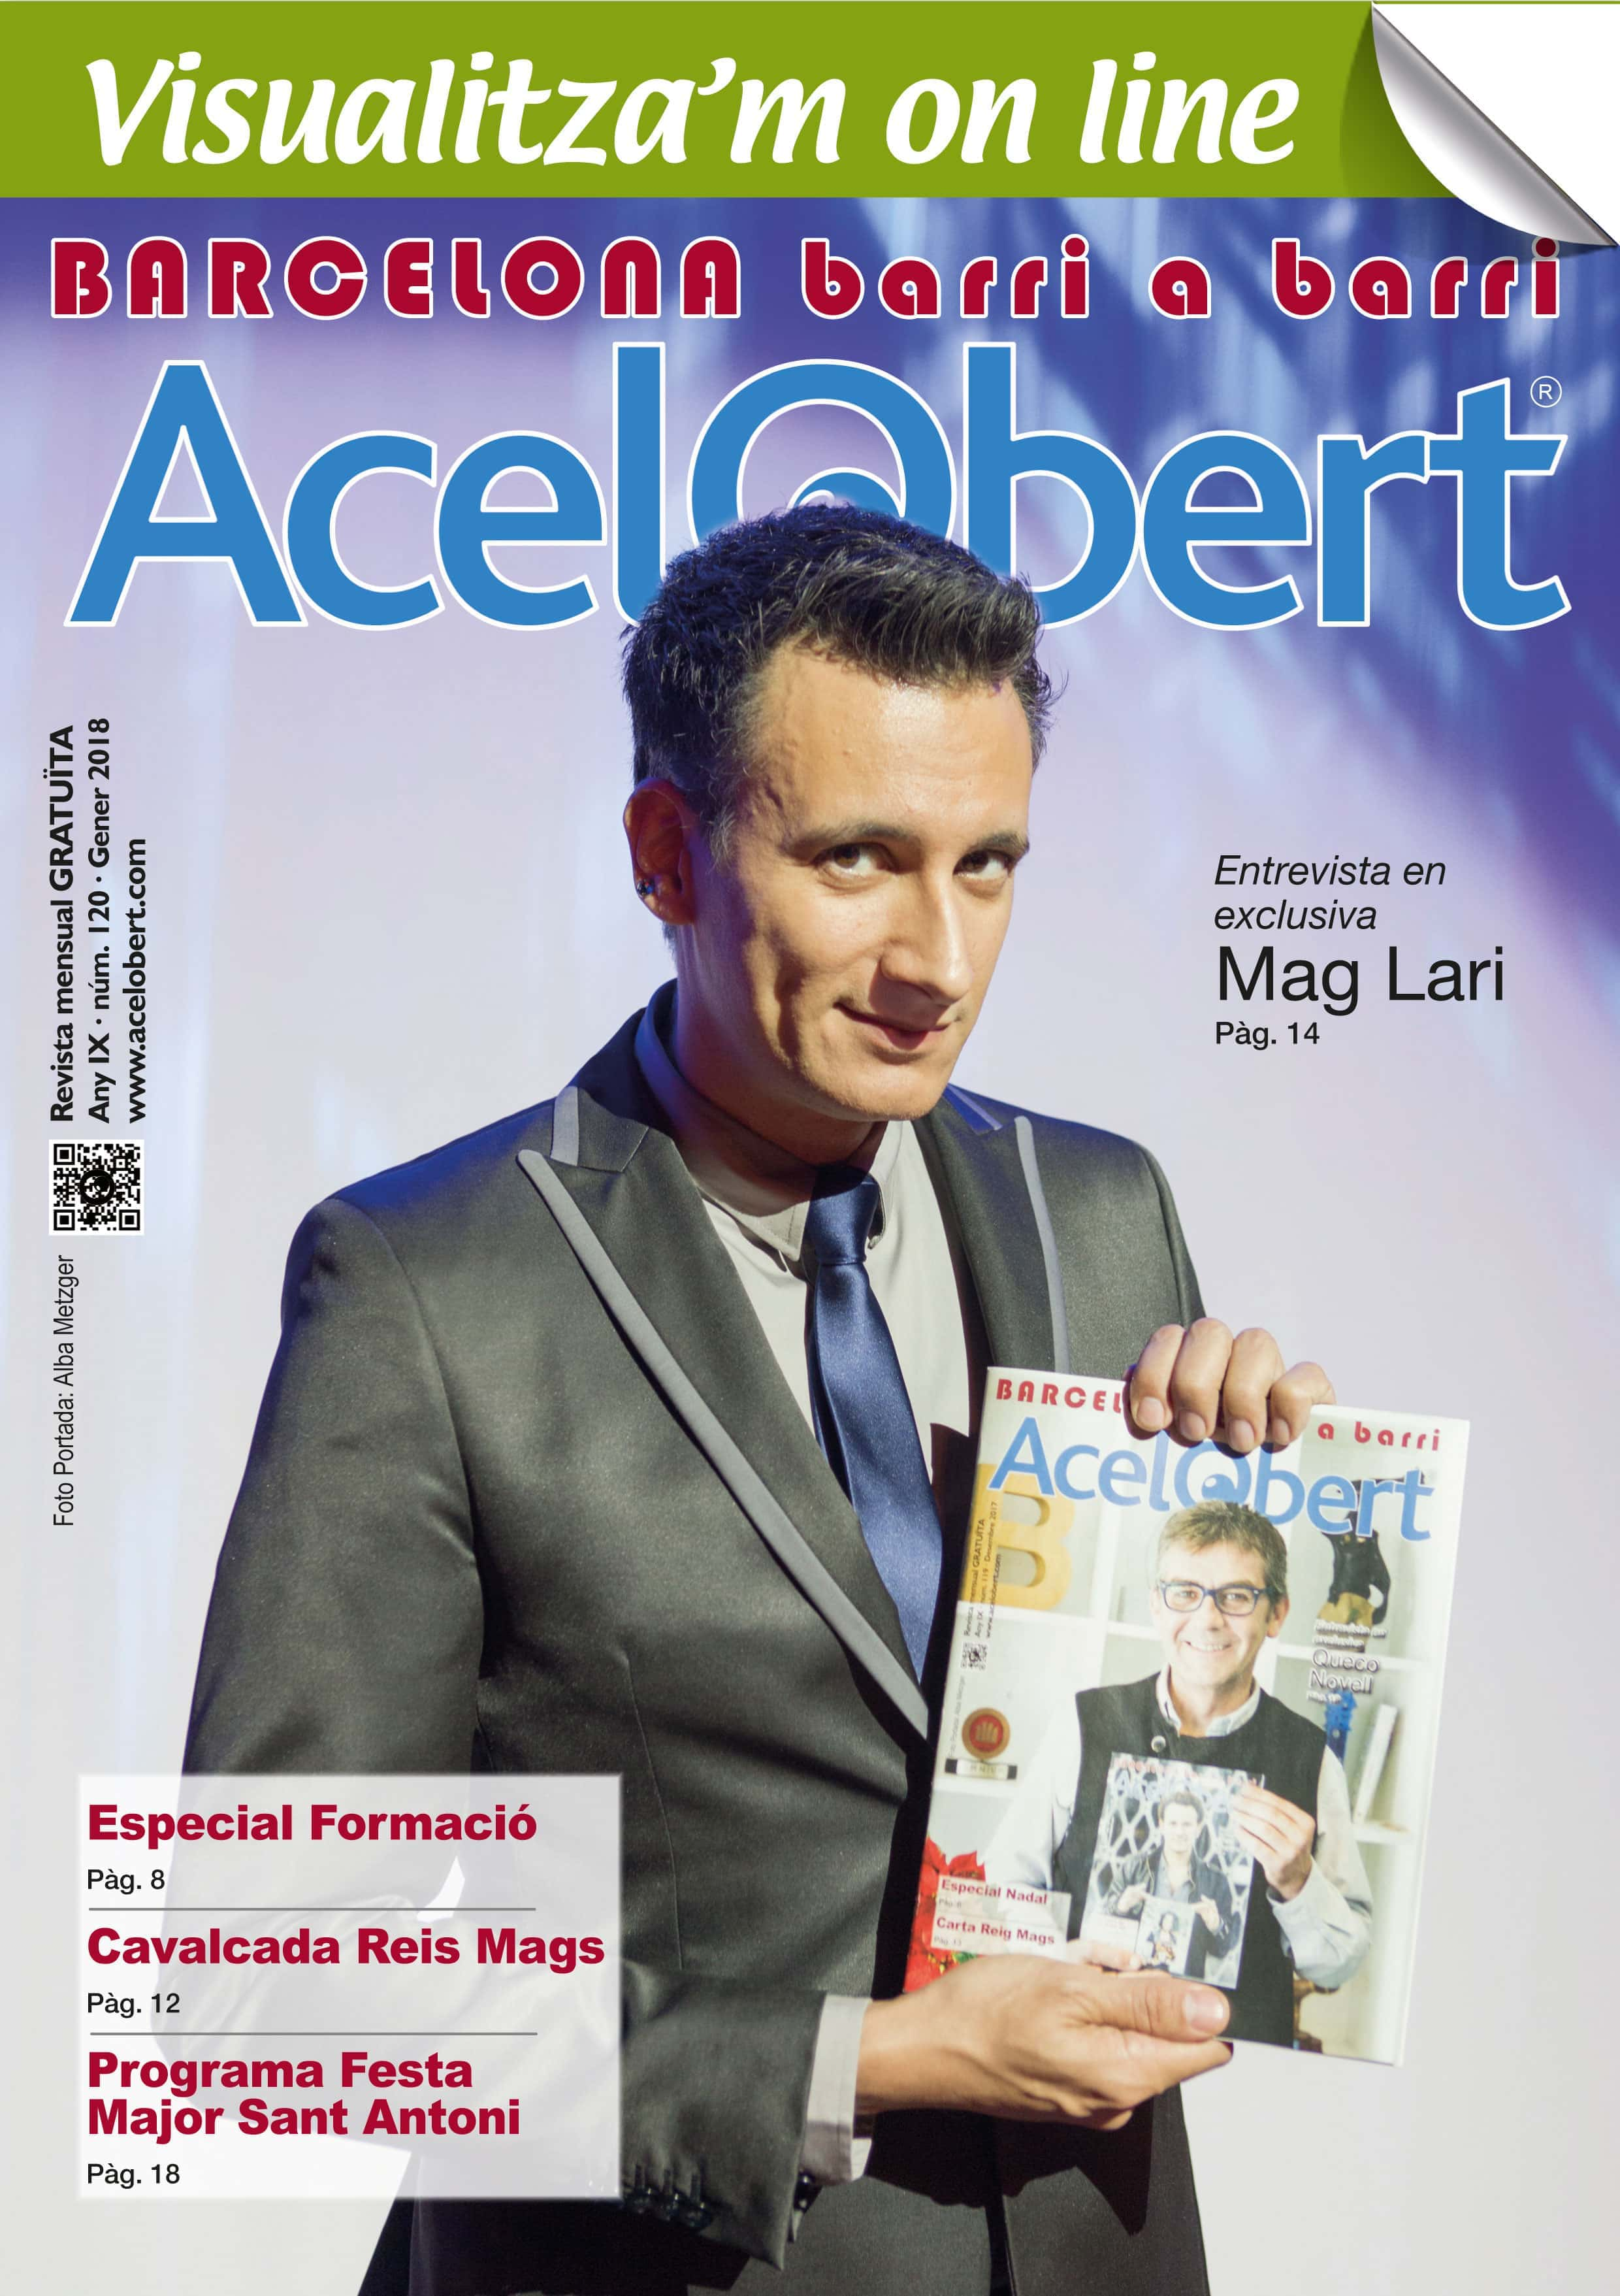 Acelobert Barcelona nº 120 GENER 2018